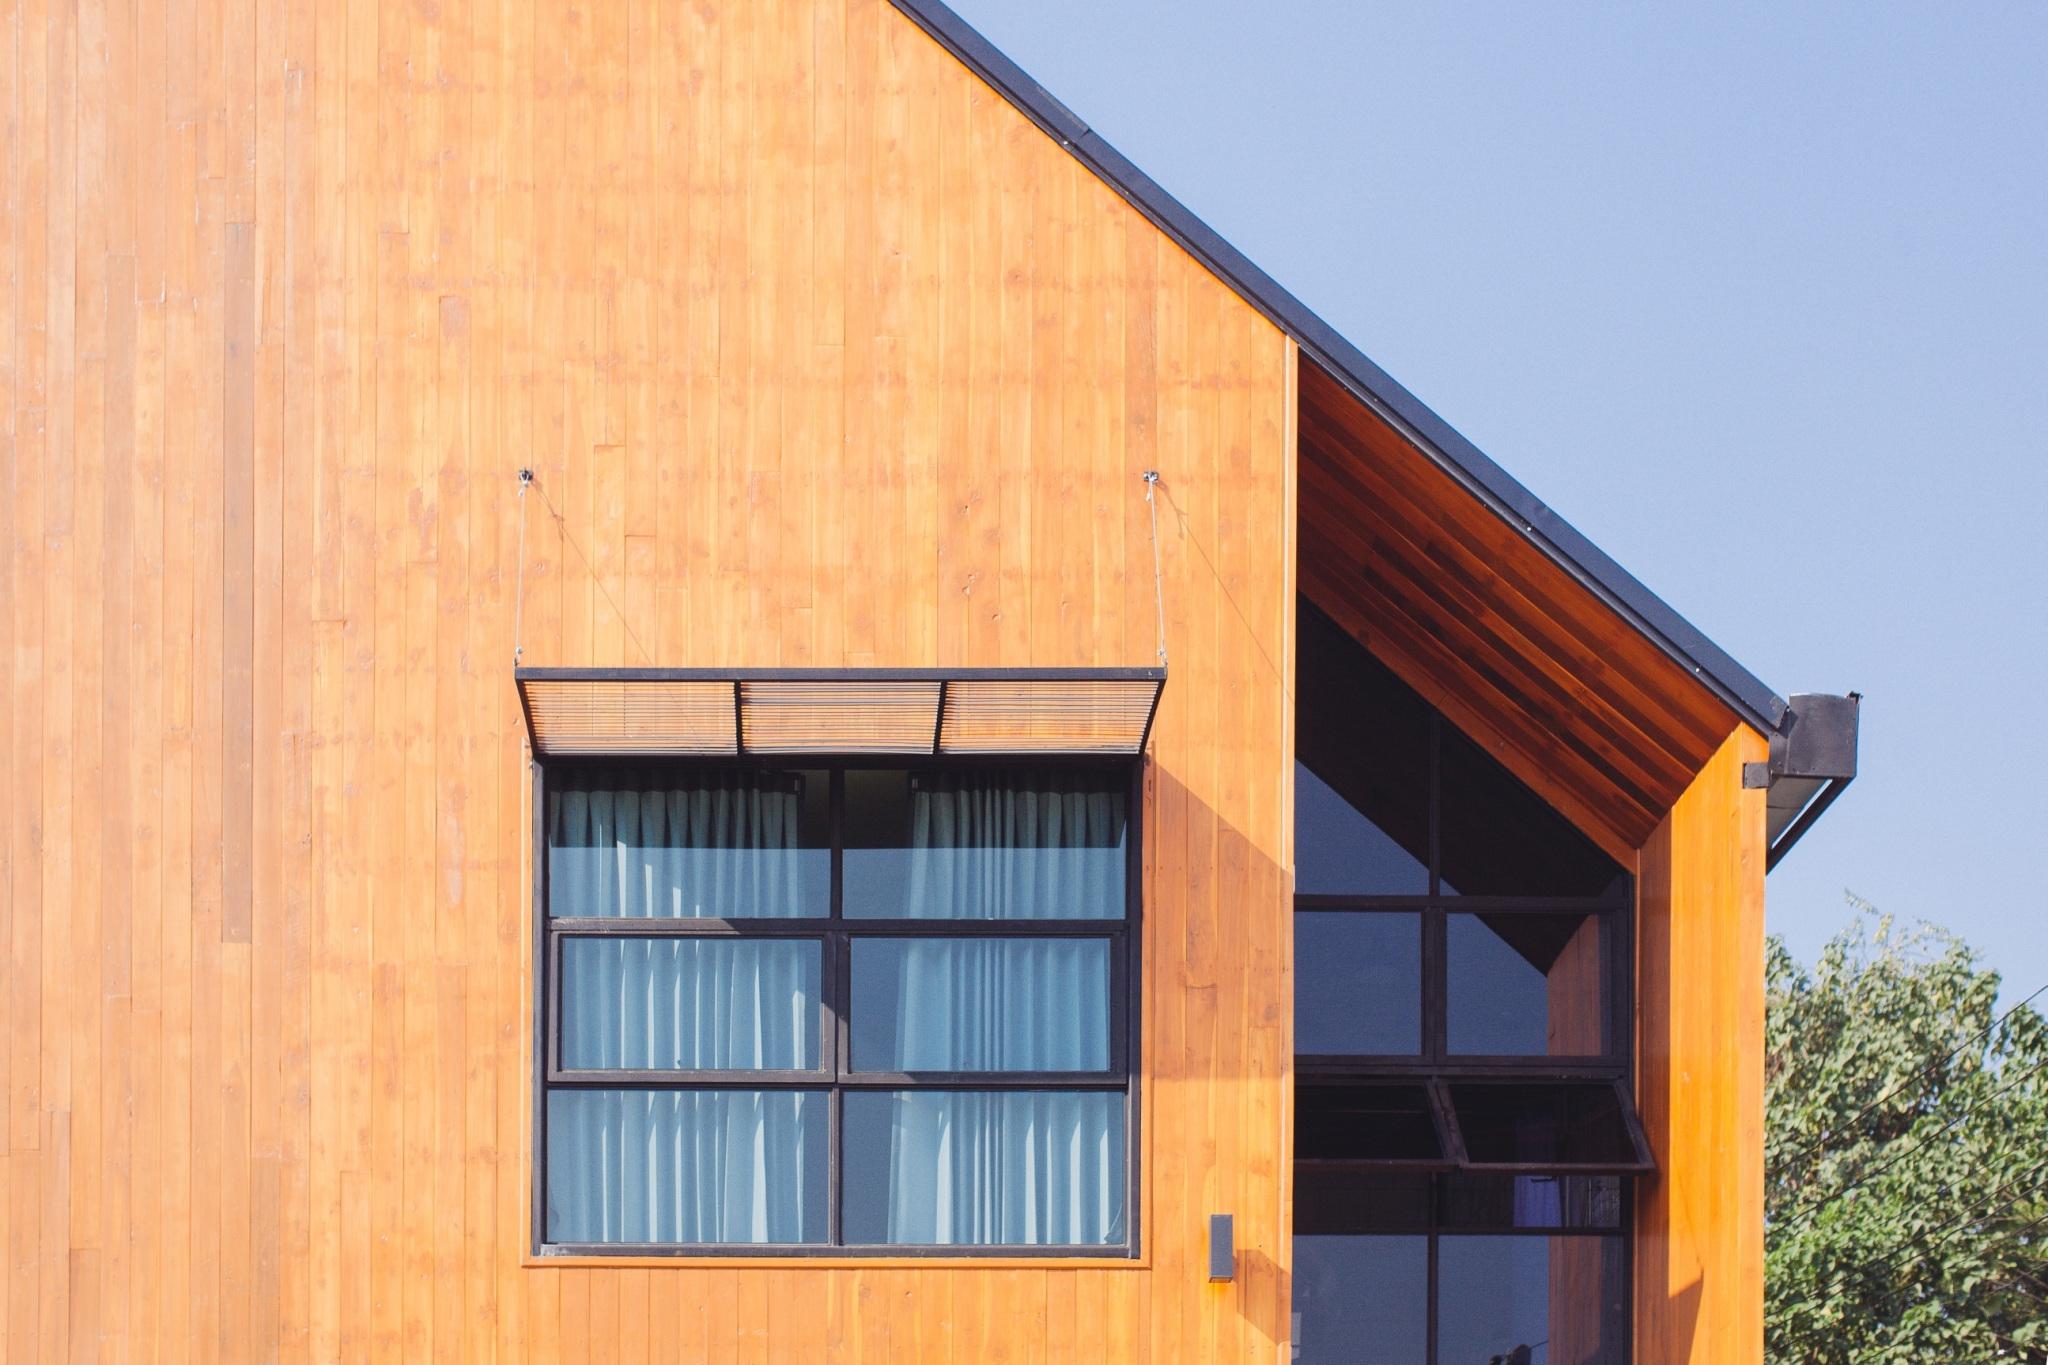 Karpenter Hotel_๑๗๐๒๑๘_0107